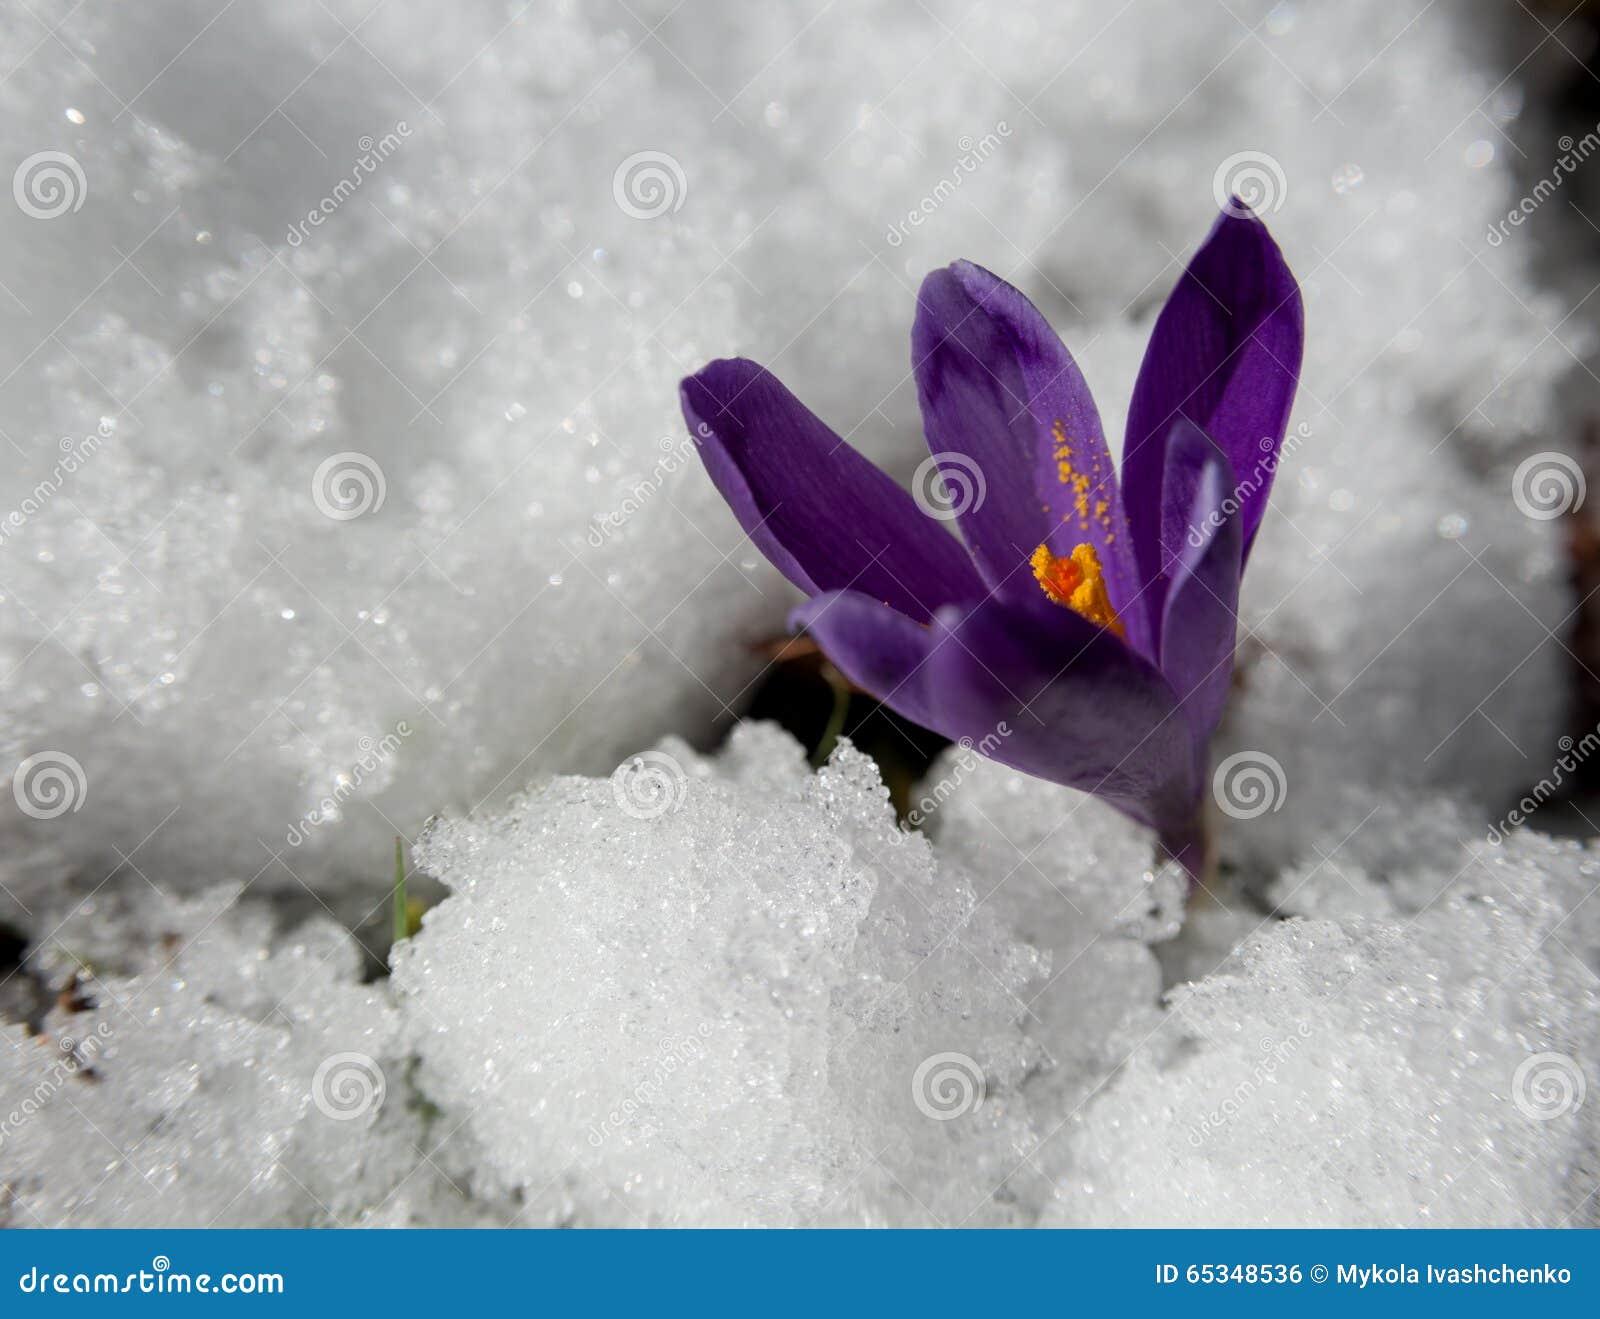 La fin de l 39 hiver fleur de crocus photo stock image 65348536 - Fleurs de cimetiere pour l hiver ...